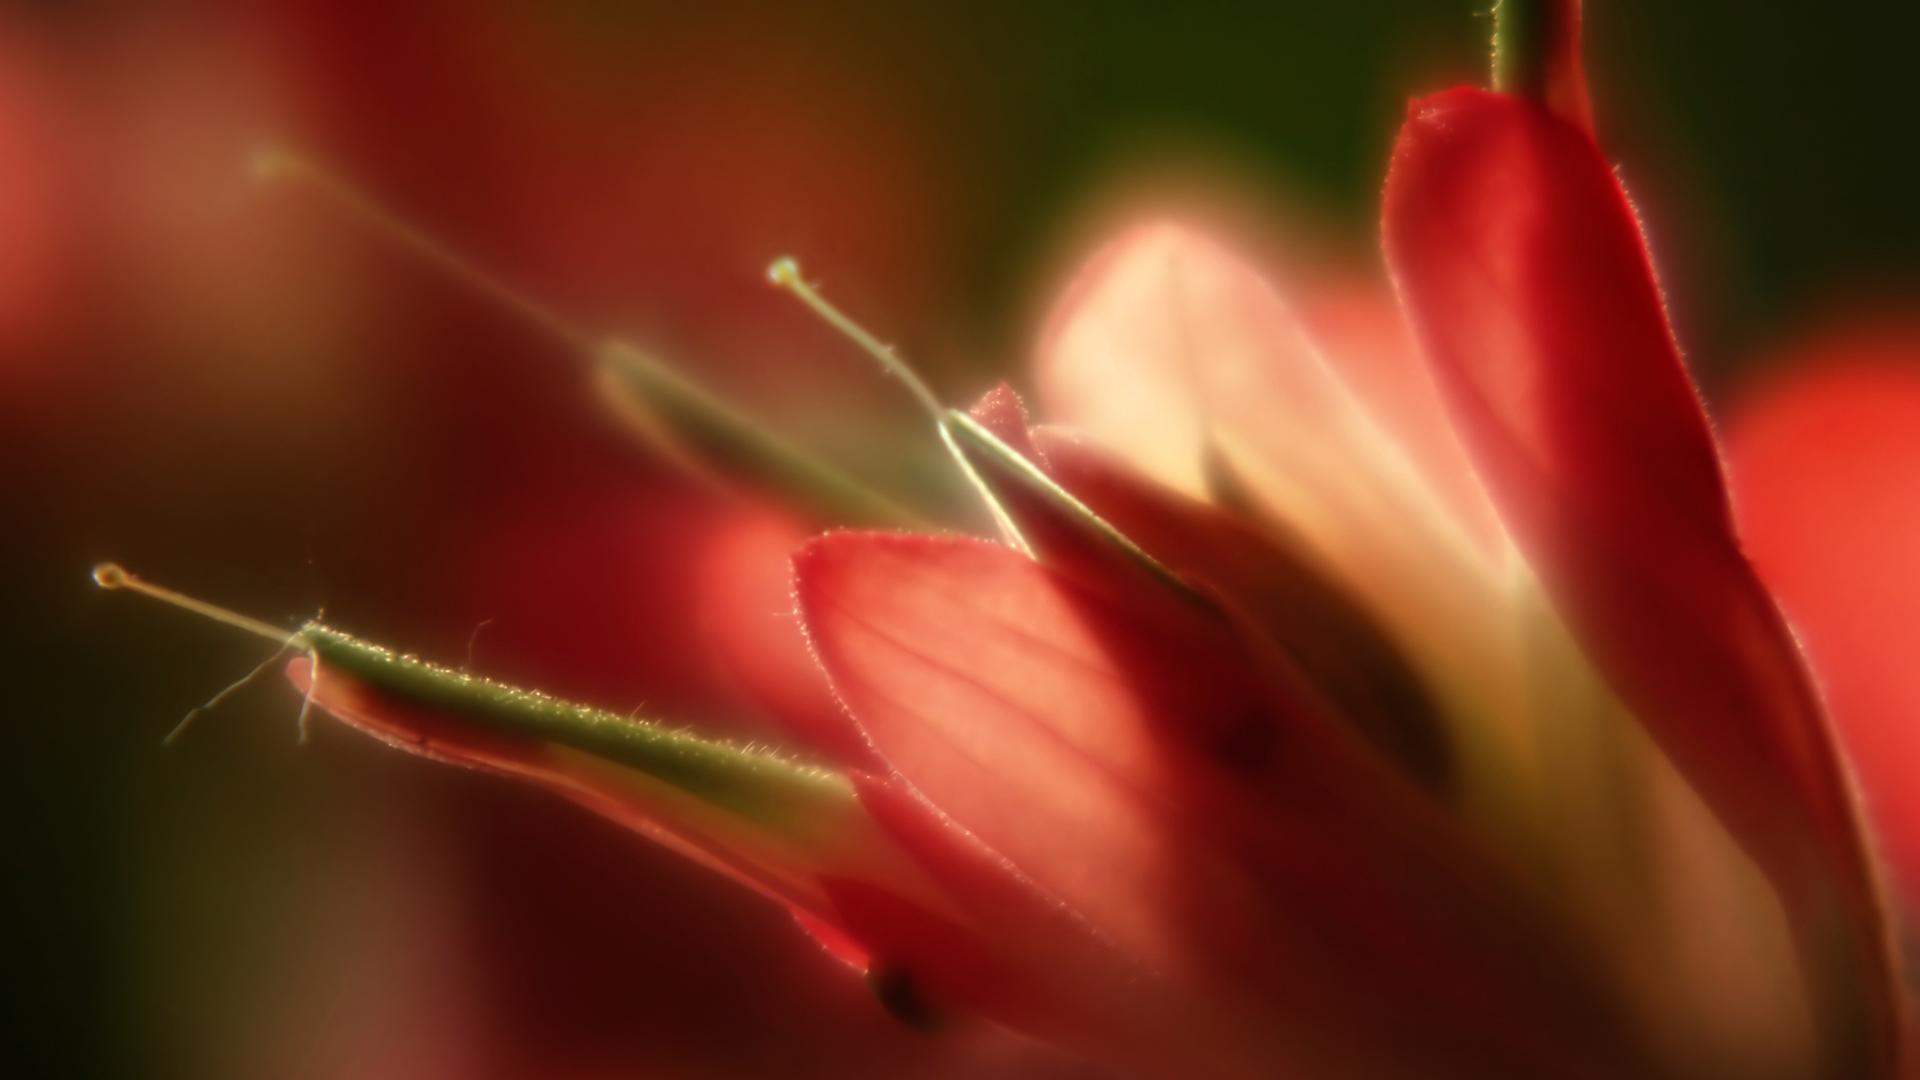 Lovely Flower Macro Wallpaper